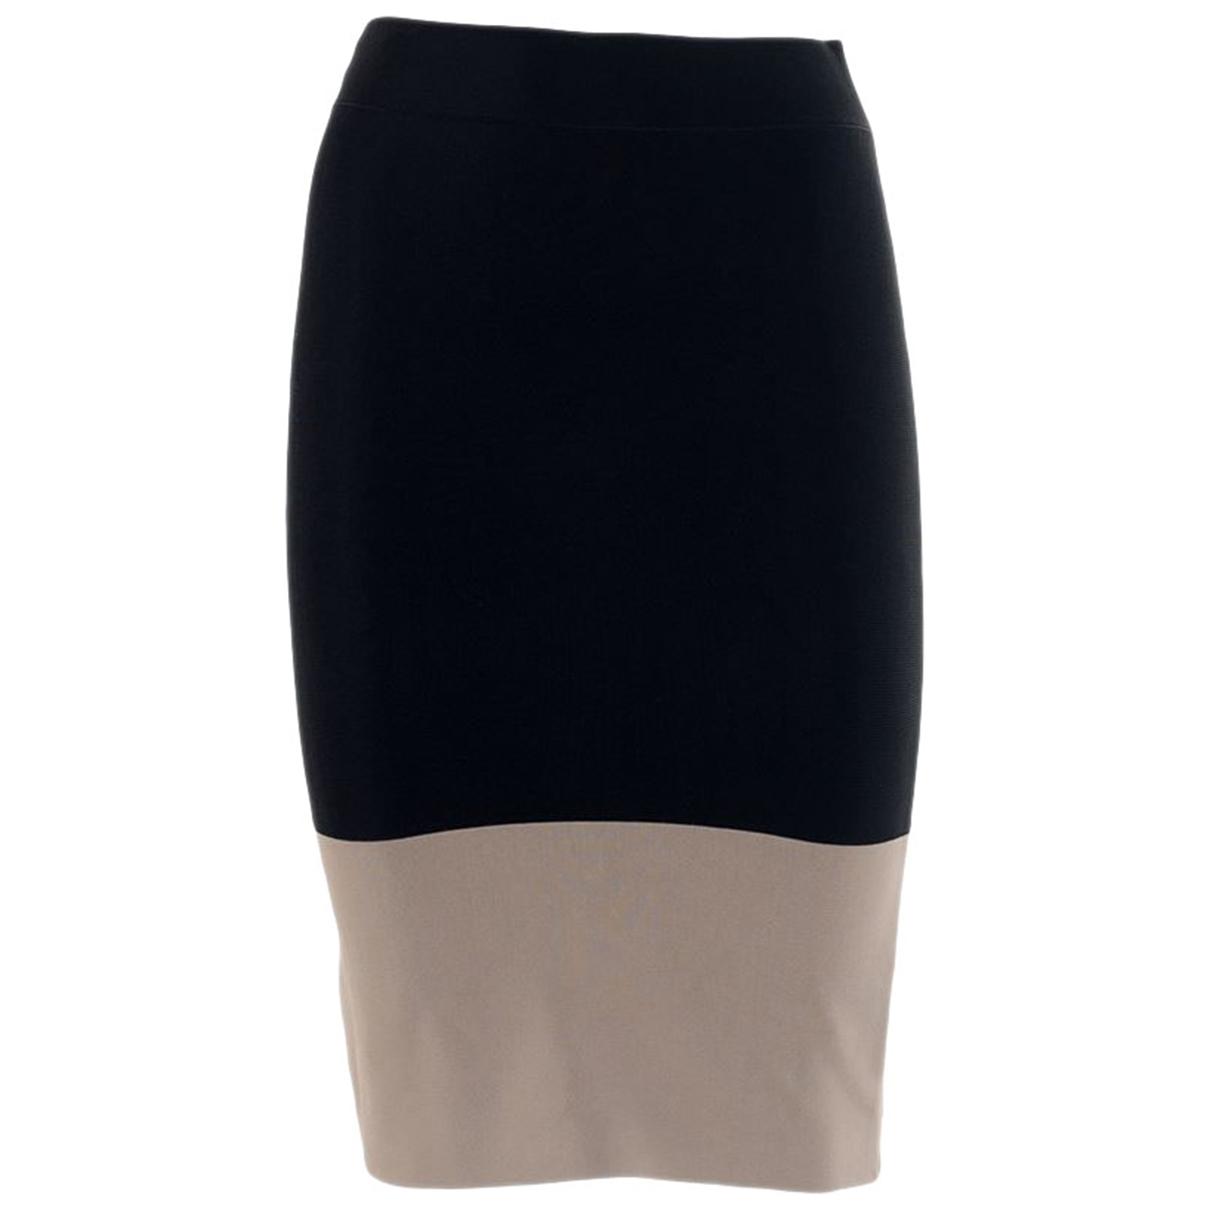 Bcbg Max Azria \N Cotton skirt for Women S International